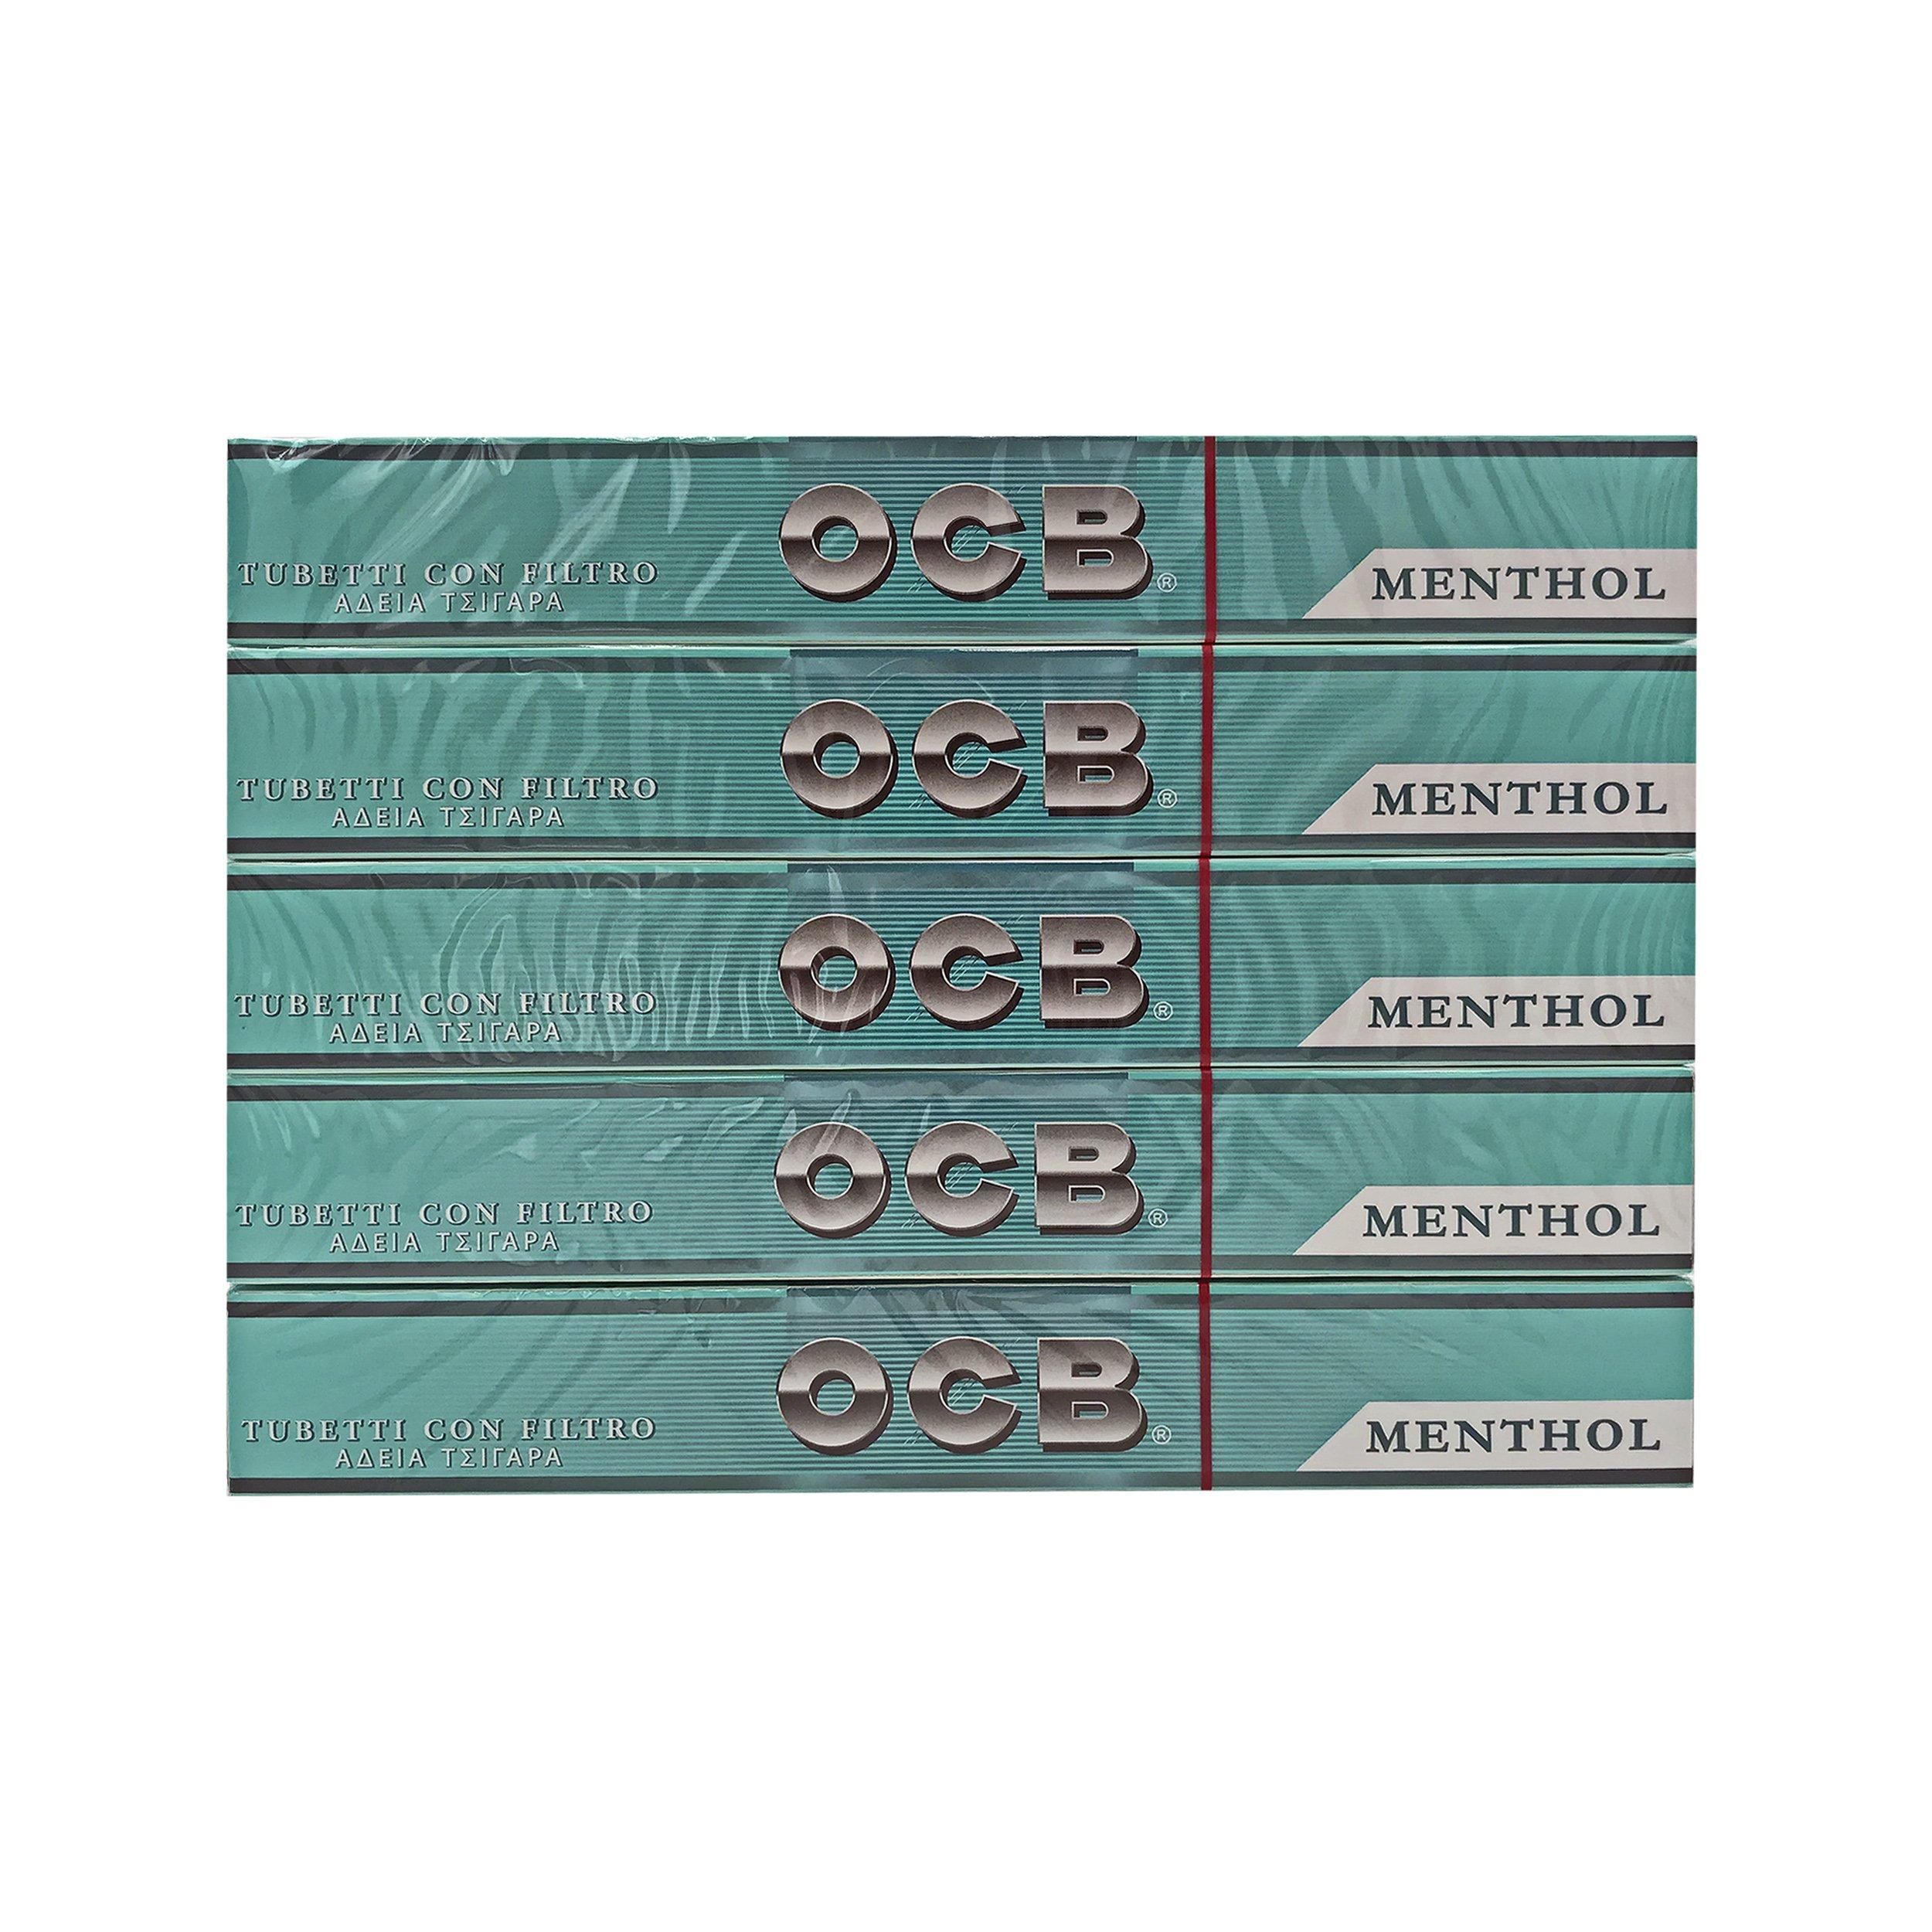 500 OCB Menthol Hülsen Zigarettenhülsen OCB Hülsen Zigaretten- Filterhülsen